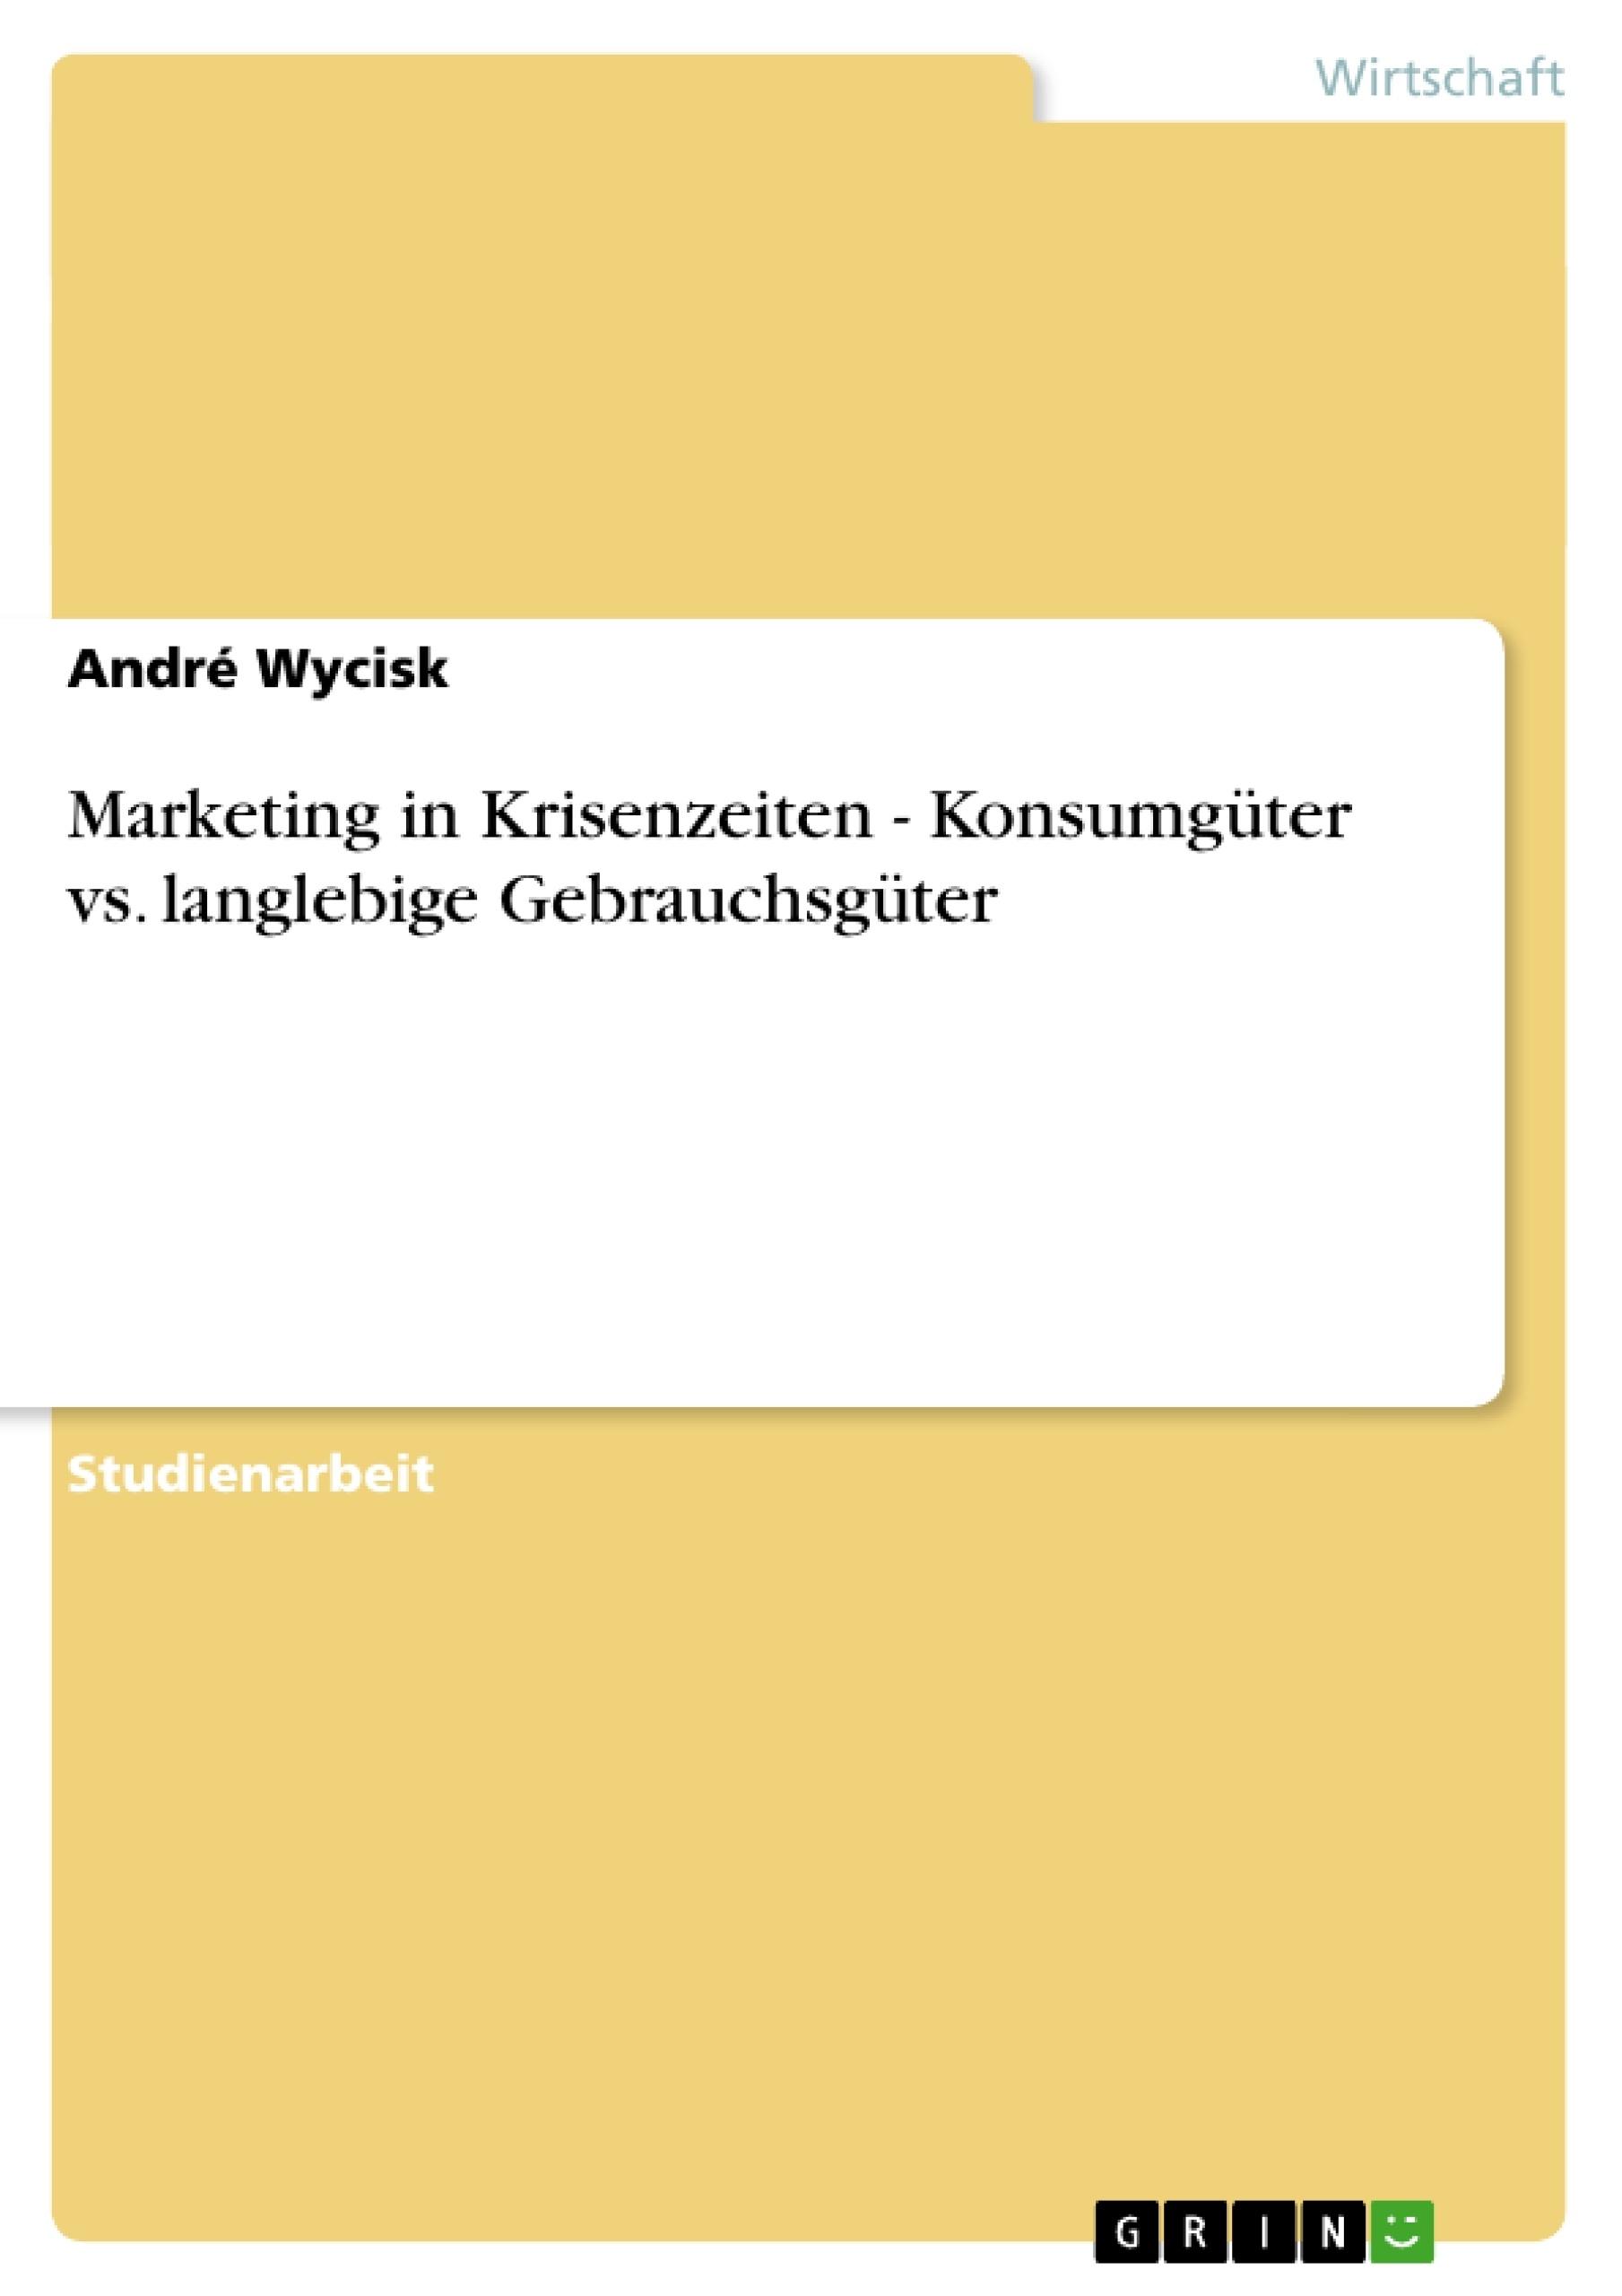 Titel: Marketing in Krisenzeiten - Konsumgüter vs. langlebige Gebrauchsgüter